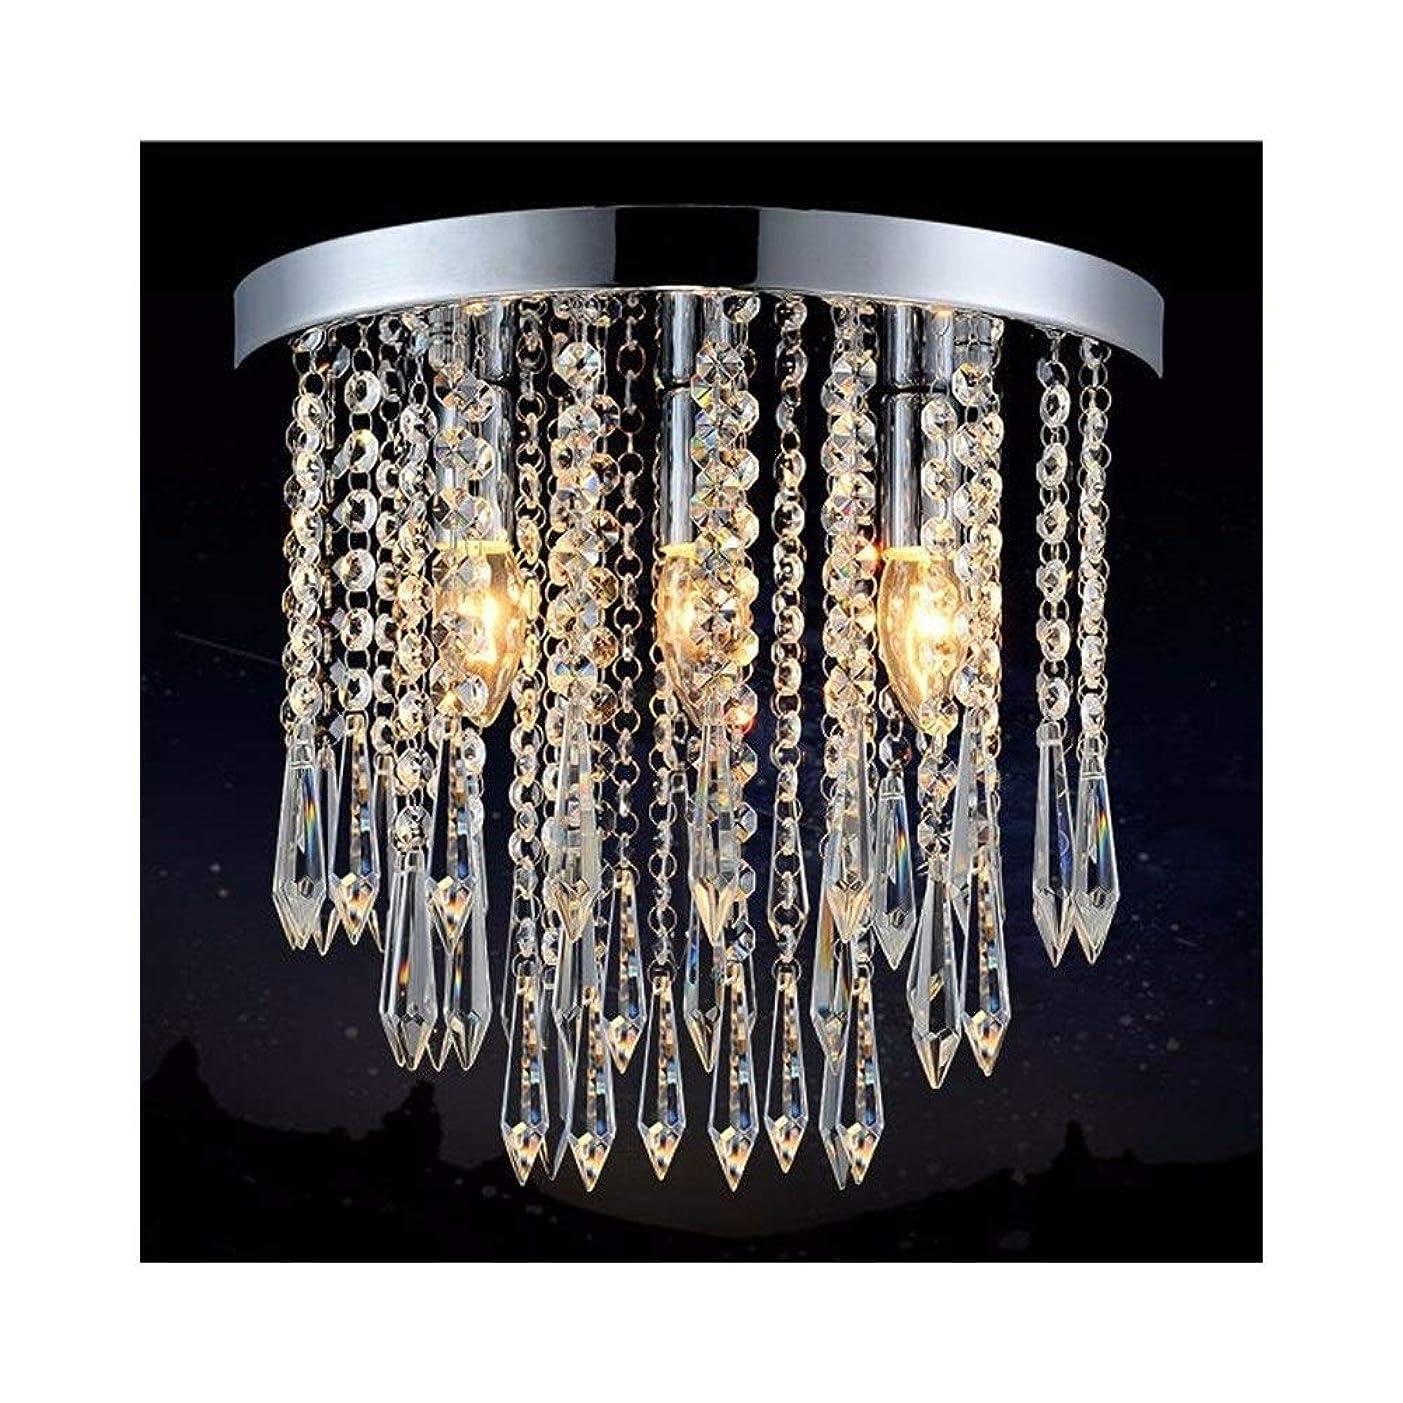 お互い名誉あるシャーロックホームズ安全な 導かれた天井灯の水晶天井灯の通路のバルコニーの光沢の導かれたライト、85V-240V 耐久性 (Body Color : Diameter 25cm 4 bulb)